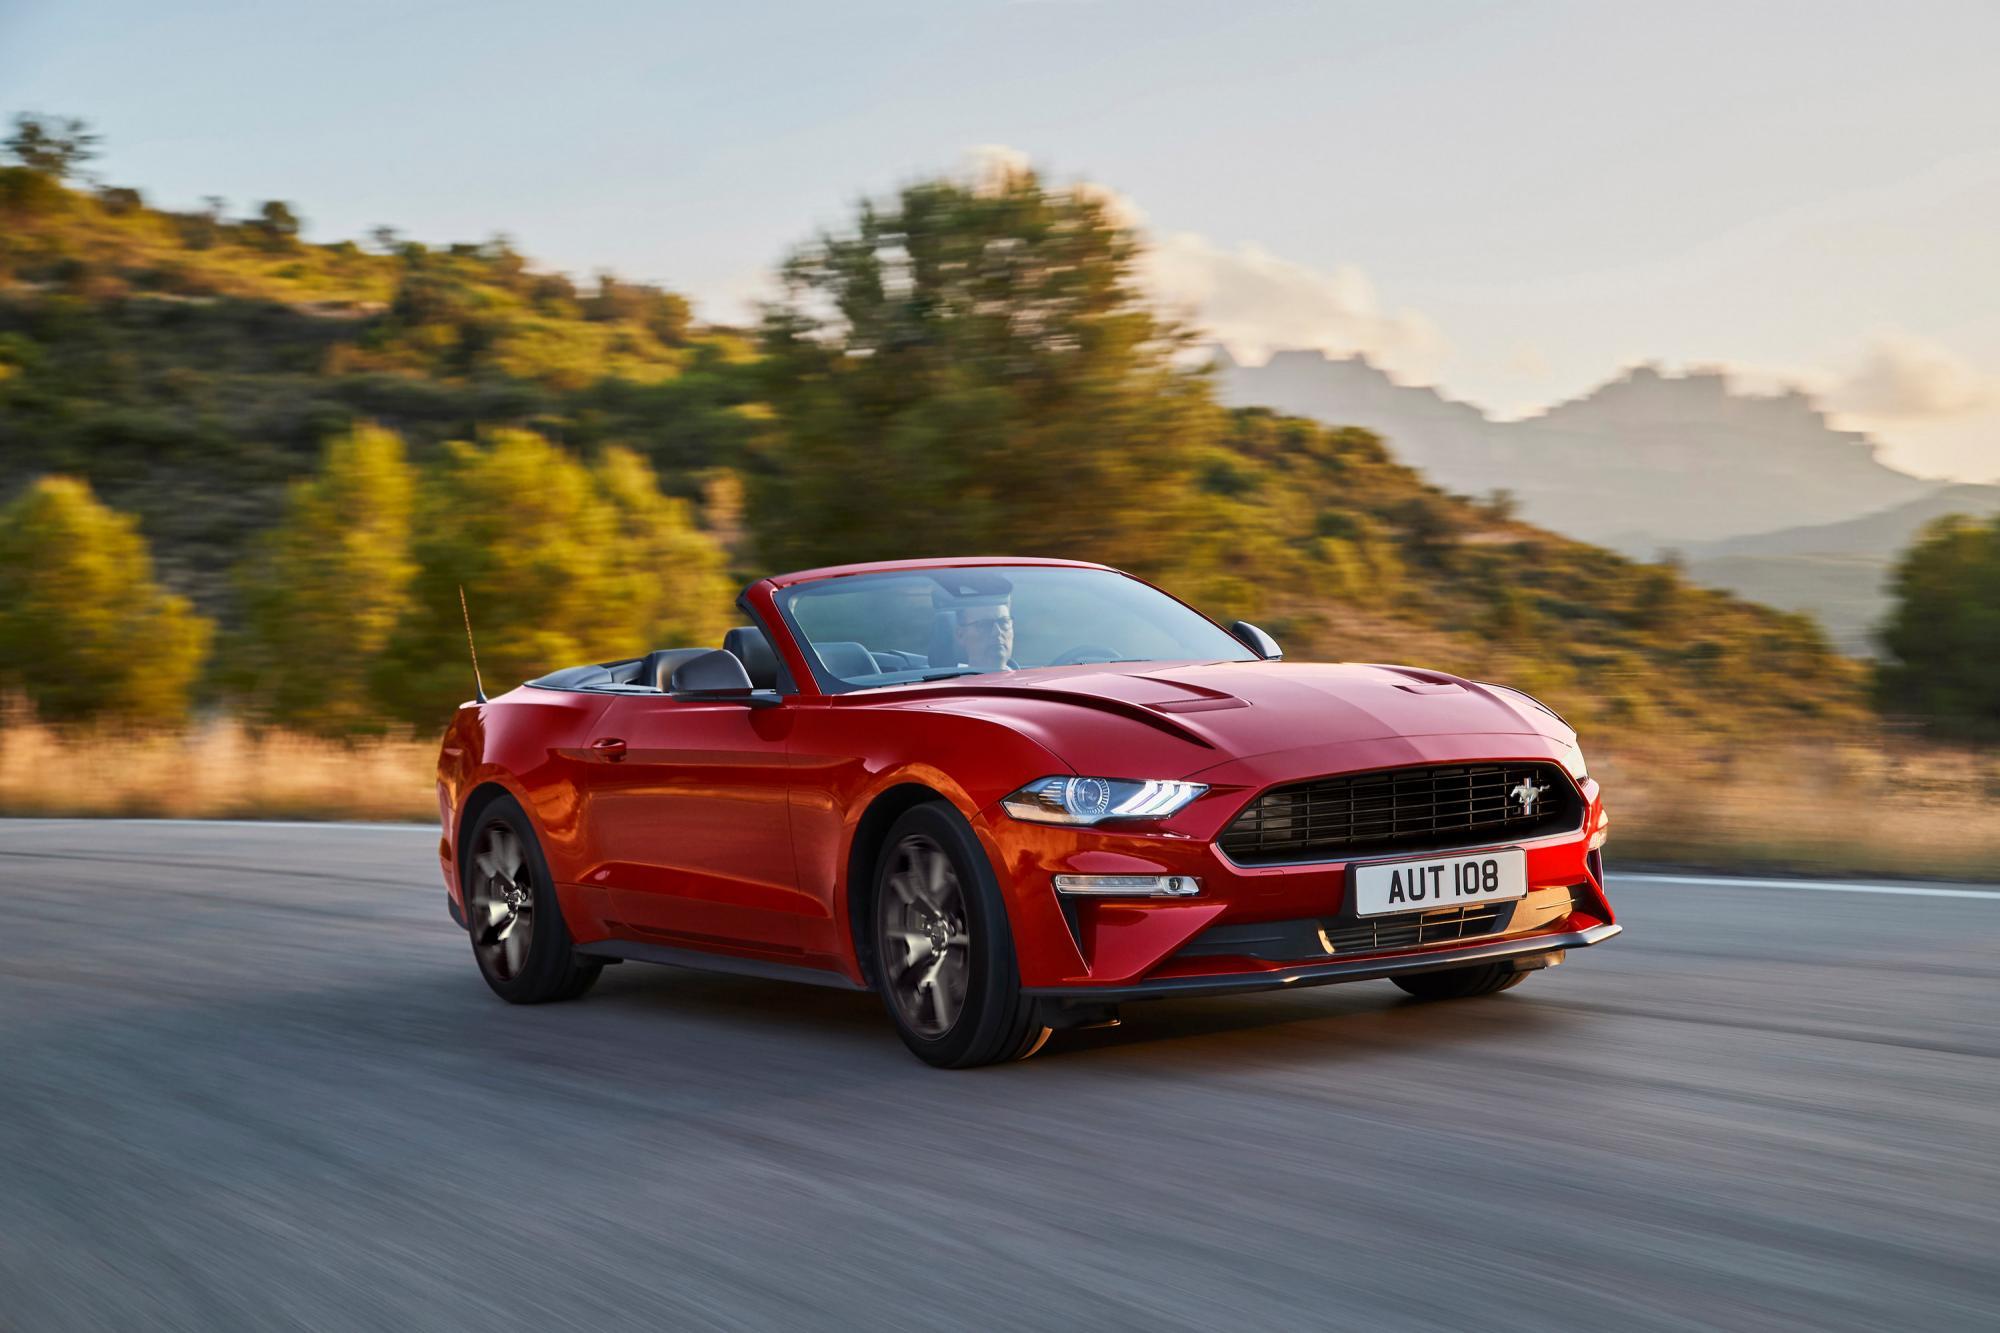 Η Mustang αναδείχτηκε το δημοφιλέστερο σπορ αυτοκίνητο για το 2019